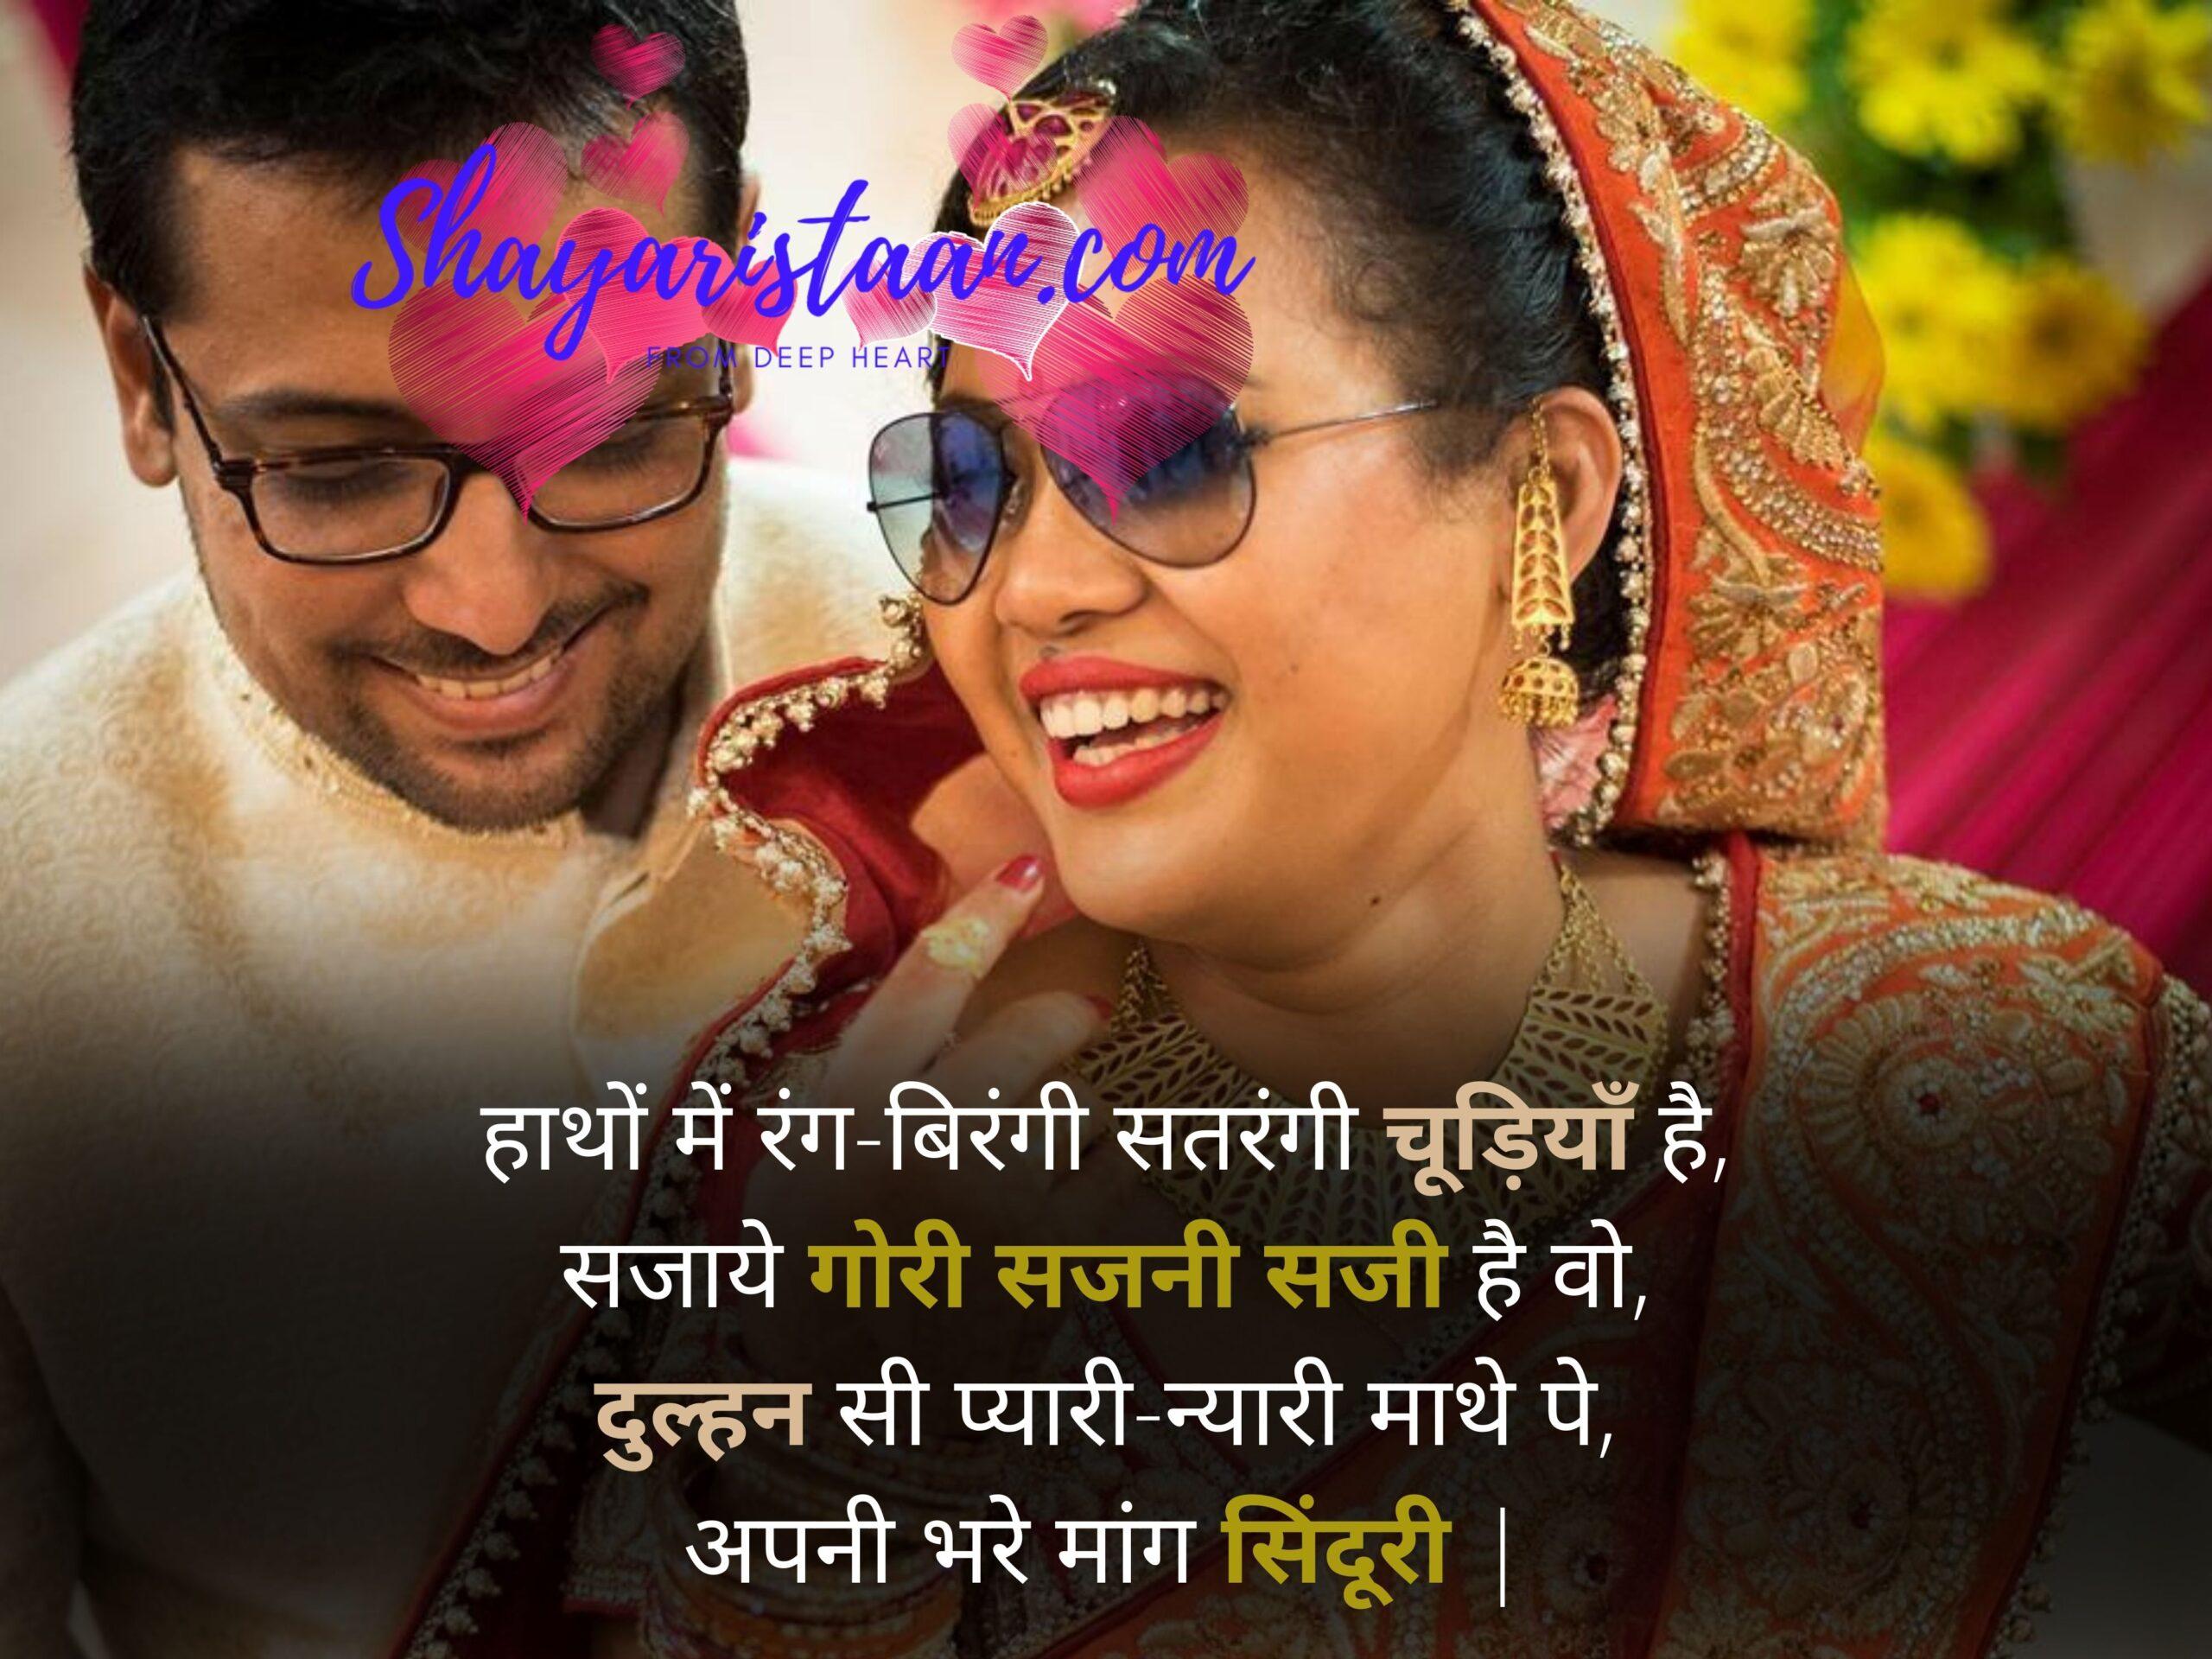 karwa chauth quotes for husband   हाथों में रंग-बिरंगी सतरंगी चूड़ियाँ है, सजाये गोरी सजनी सजी है वो, दुल्हन सी प्यारी-न्यारी माथे पे, अपनी भरे मांग सिंदूरी  